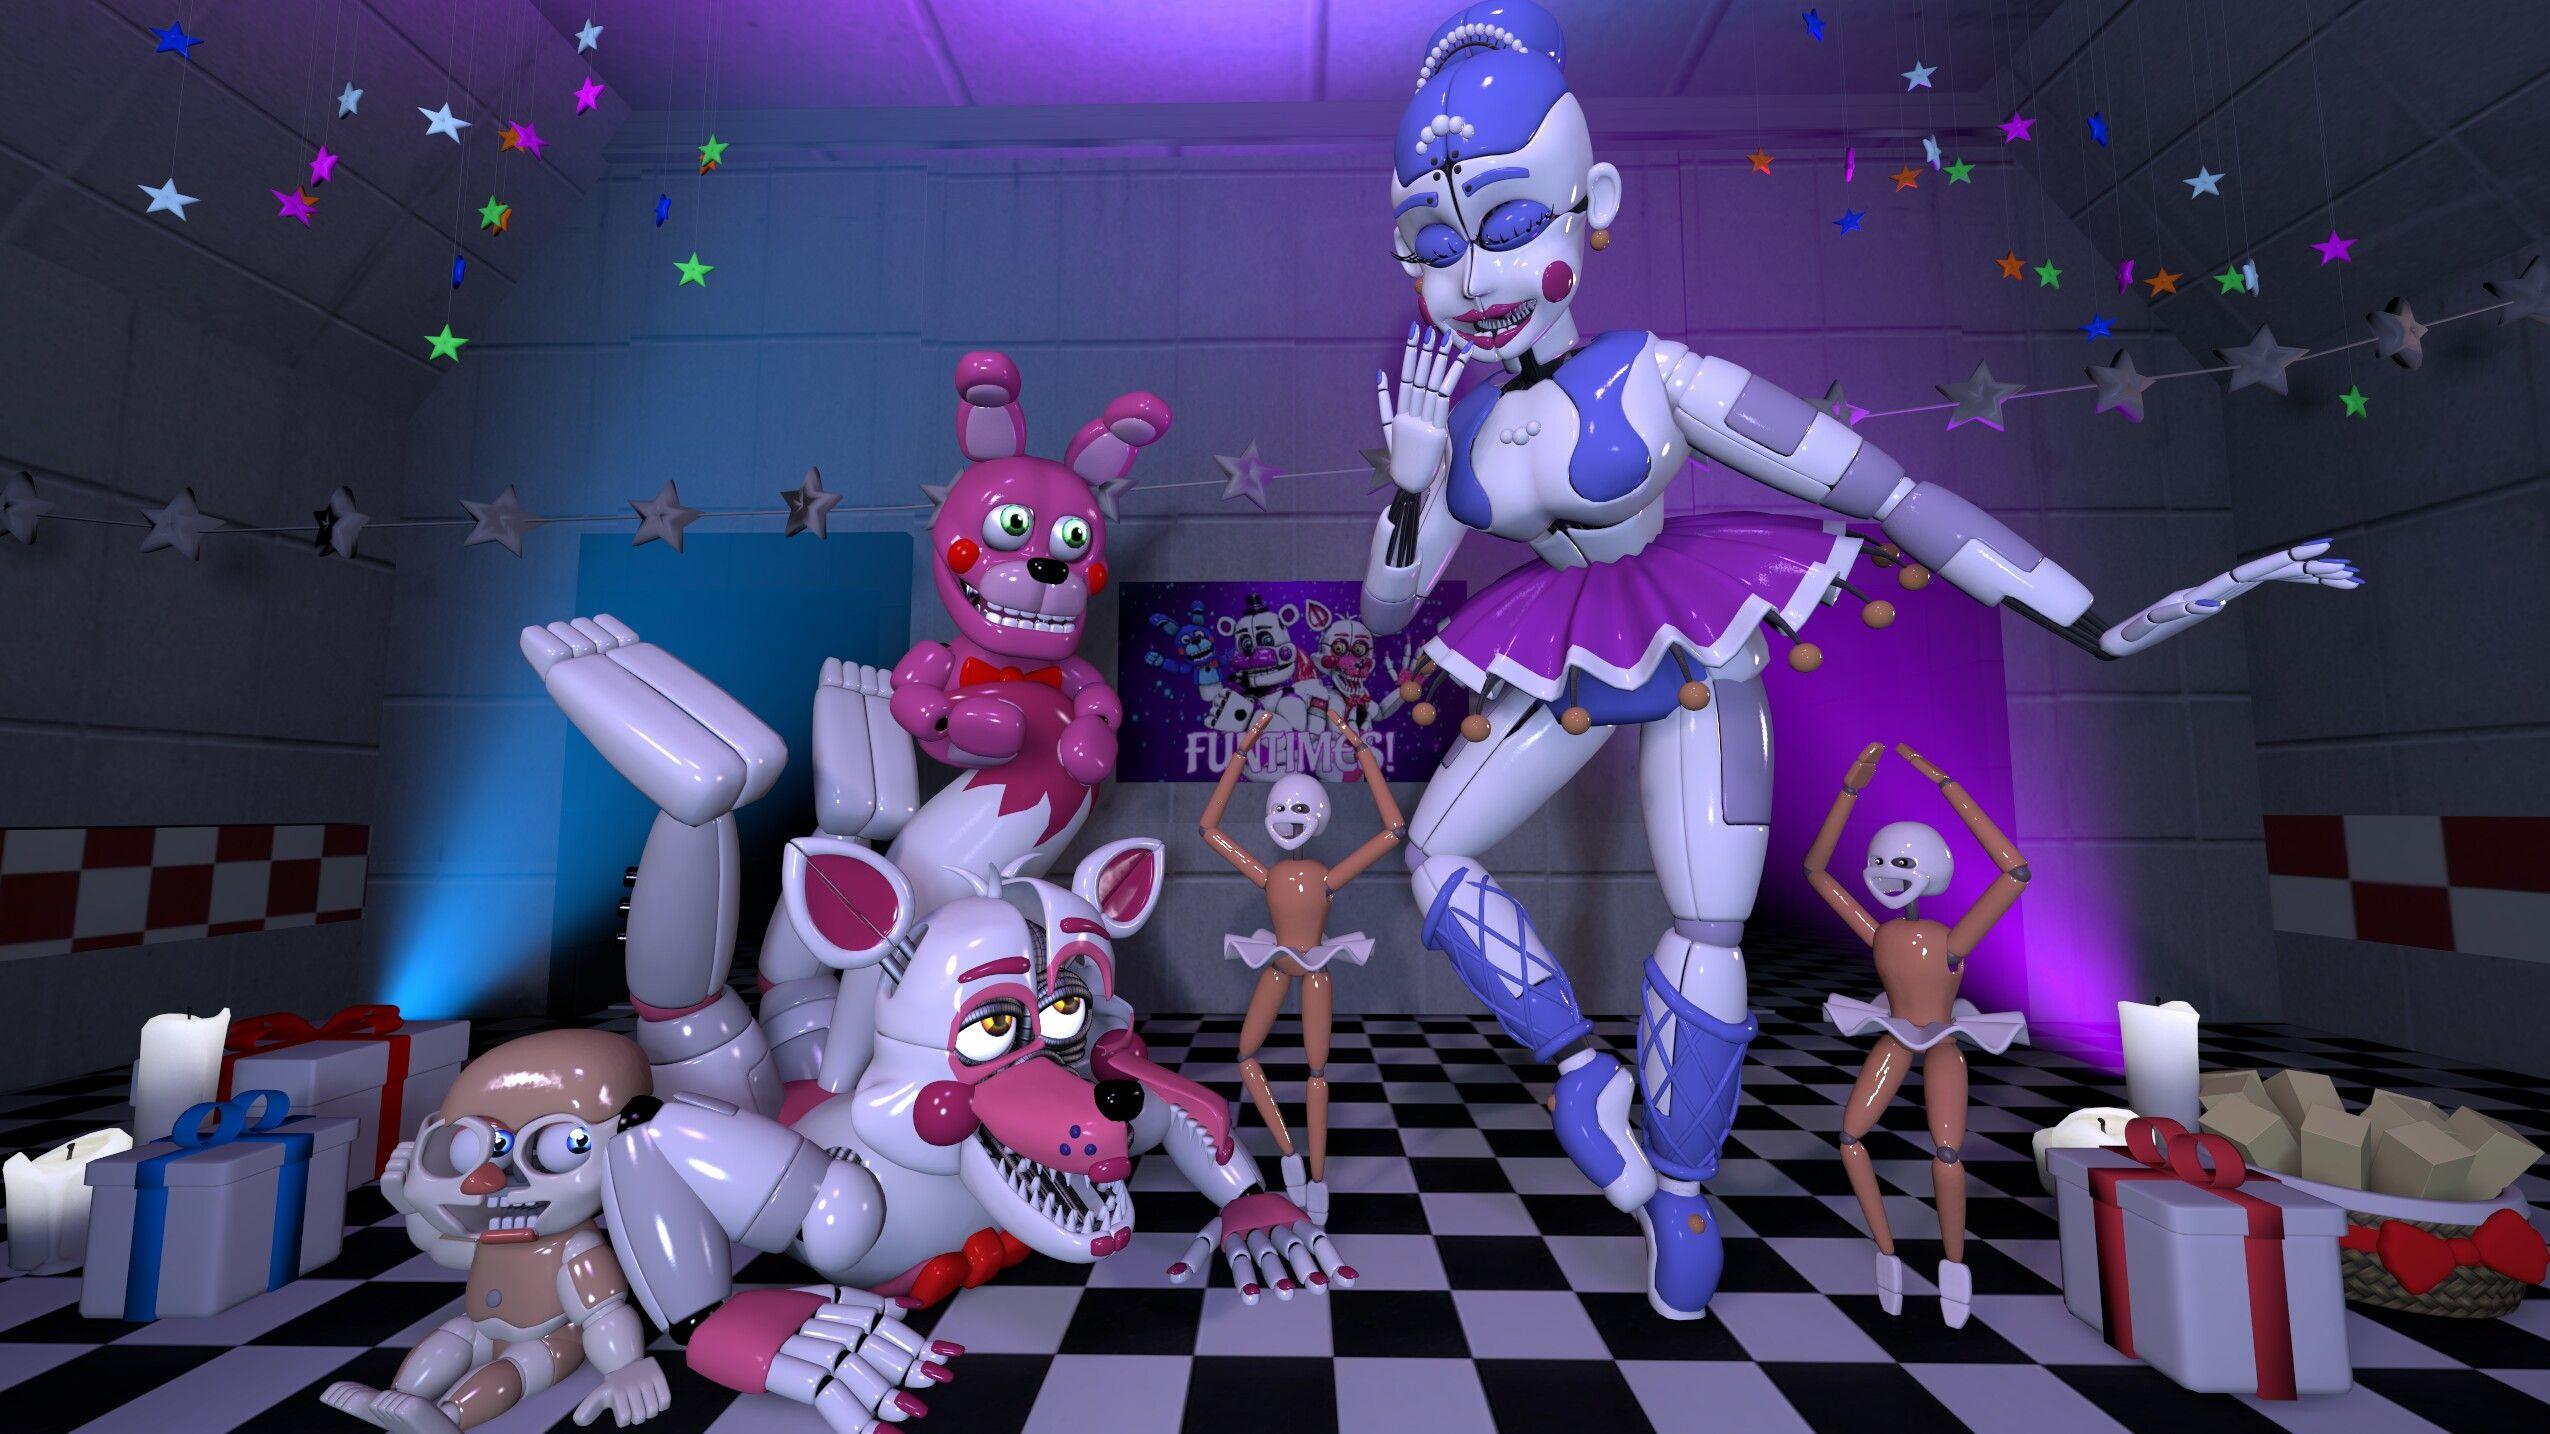 картинки аниматроников бейби балоры и фантайм фокси цена высока